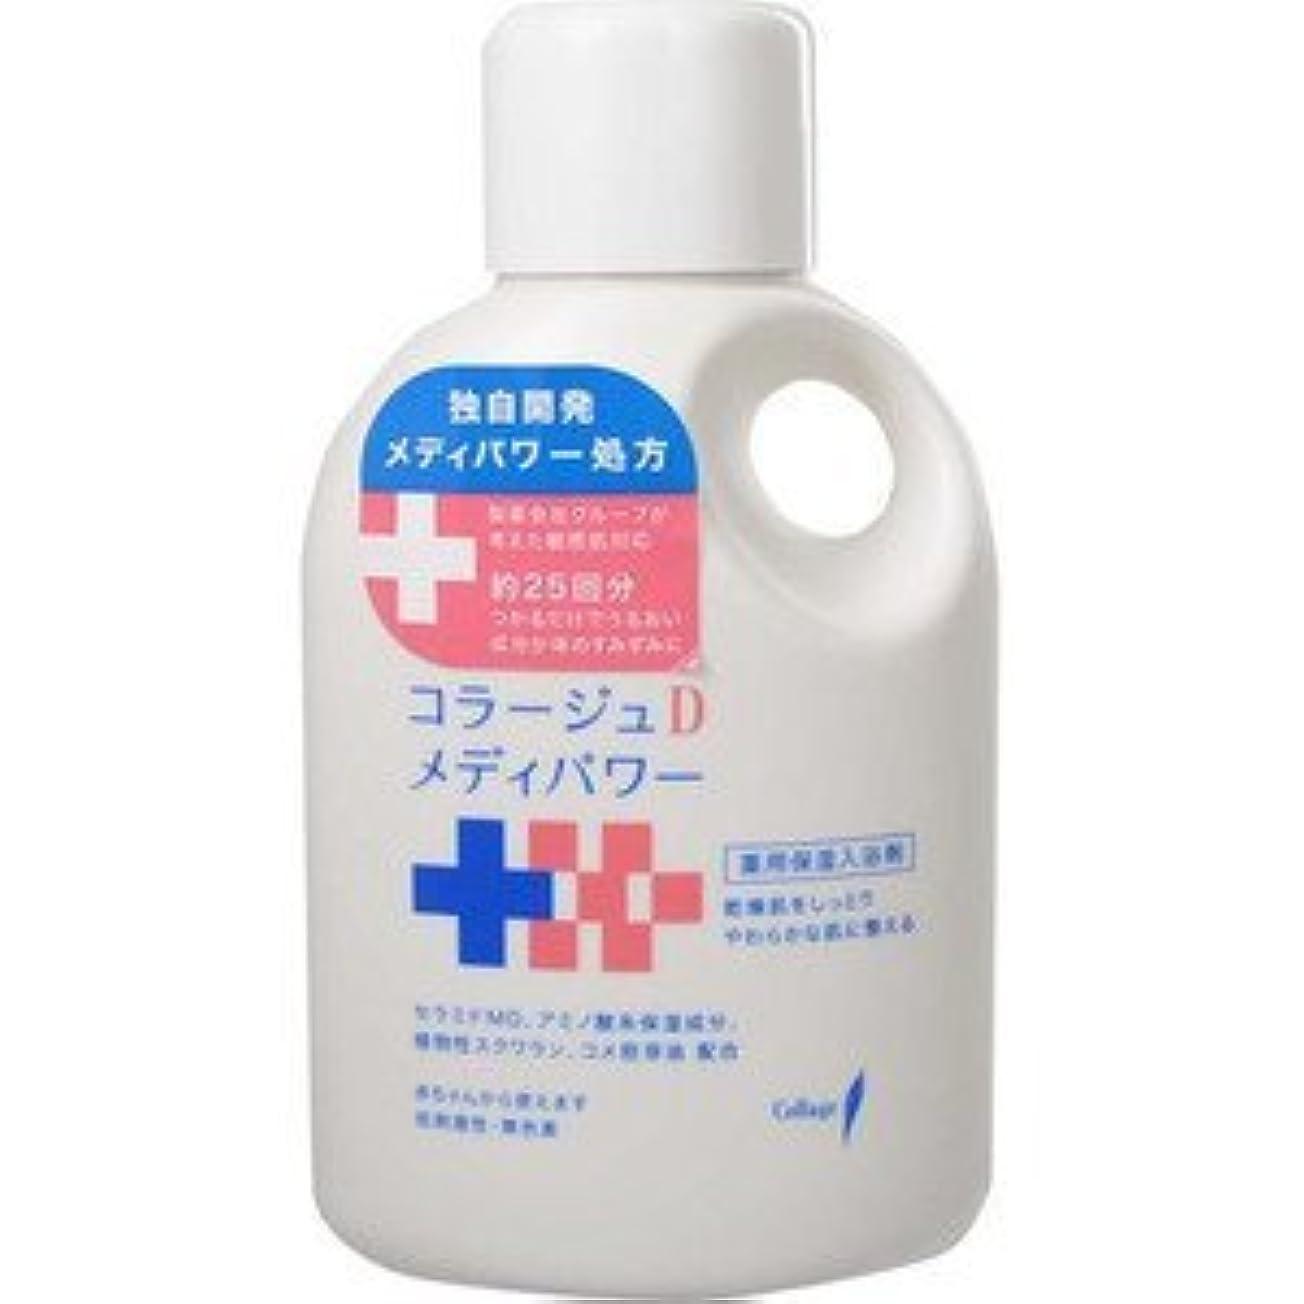 兵士矩形ロッカー(持田ヘルスケア)コラージュ Dメディパワー保湿入浴剤 500ml(医薬部外品)(お買い得3個セット)